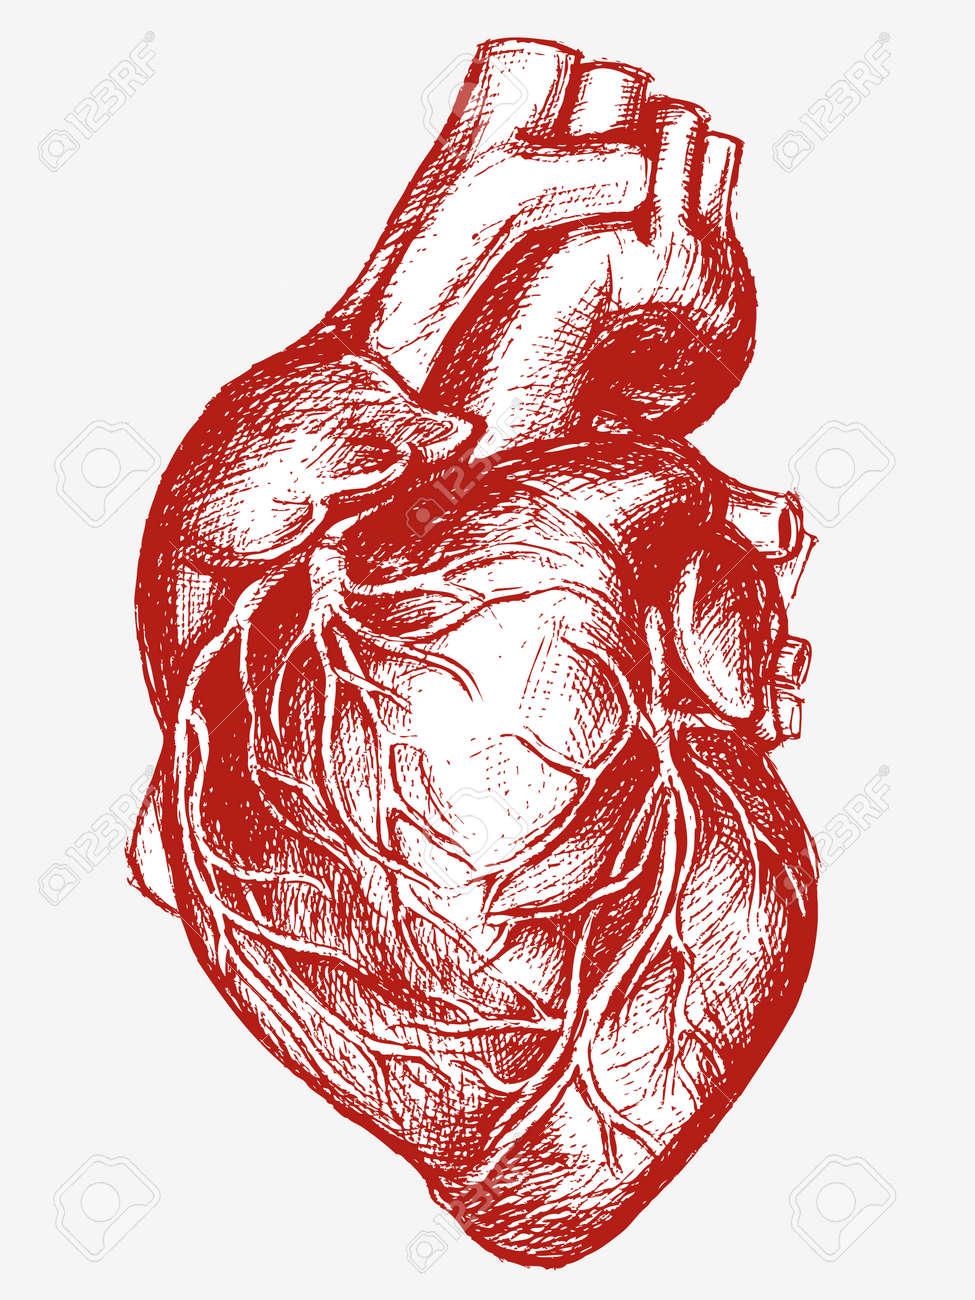 Corazón Humano Trabajo De Línea De Dibujo Ilustraciones Vectoriales